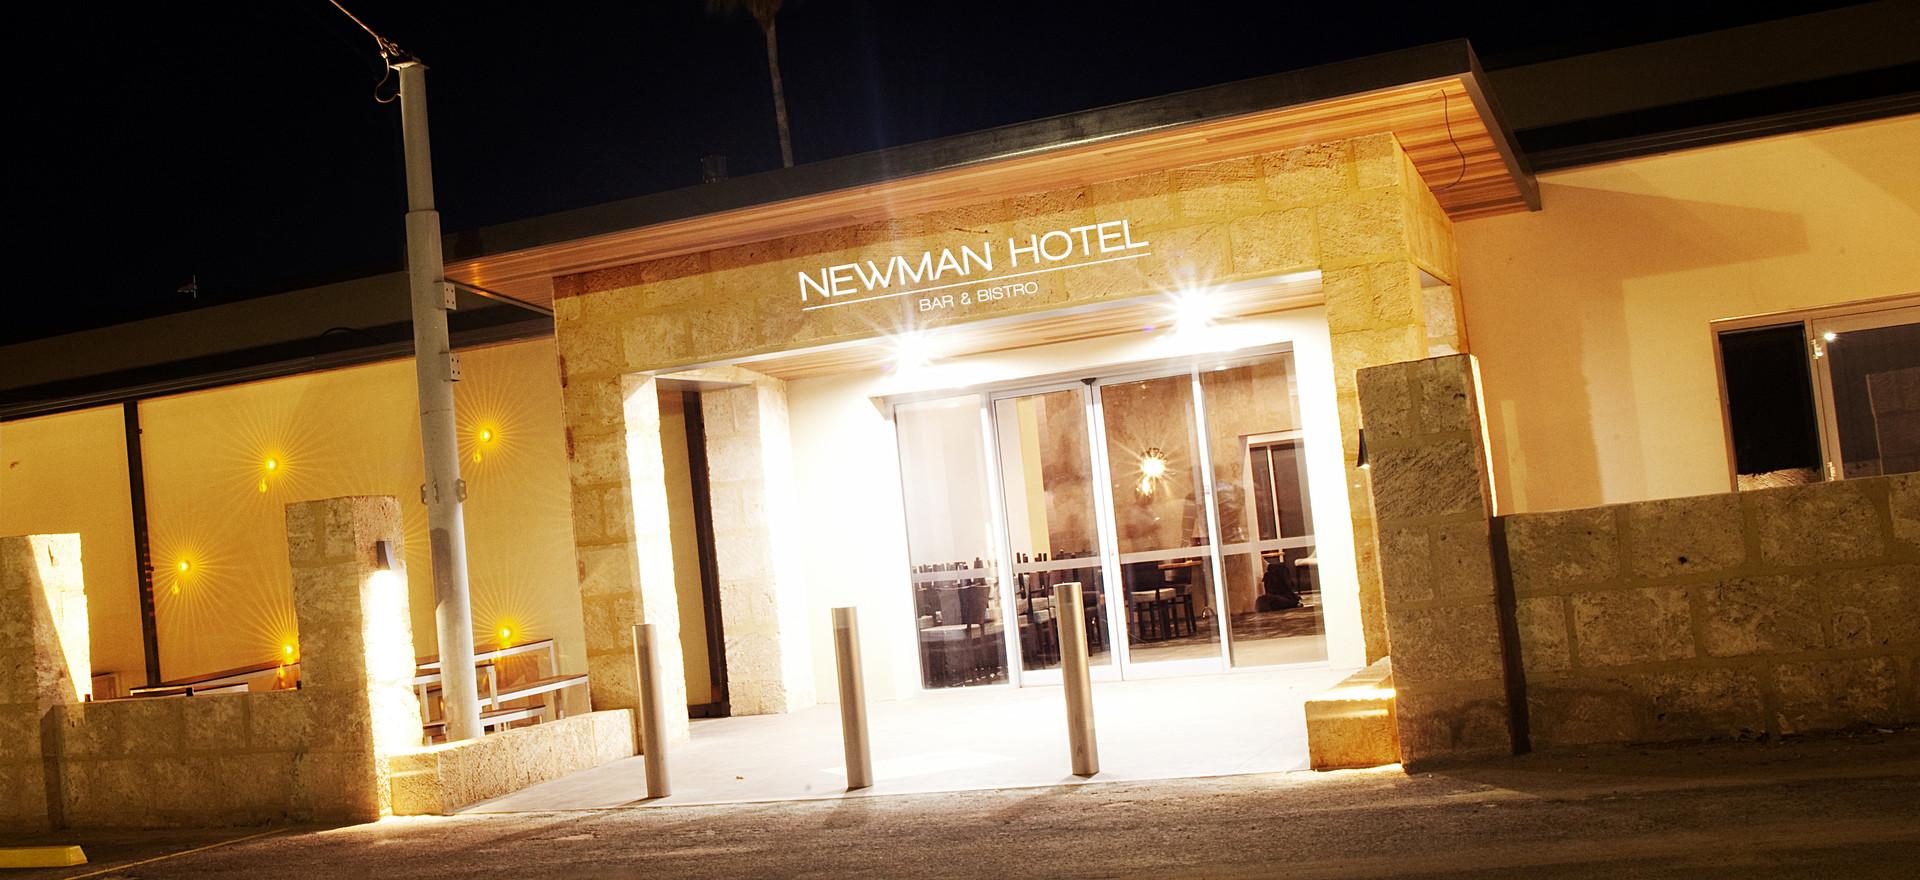 Newman Hotel Trust